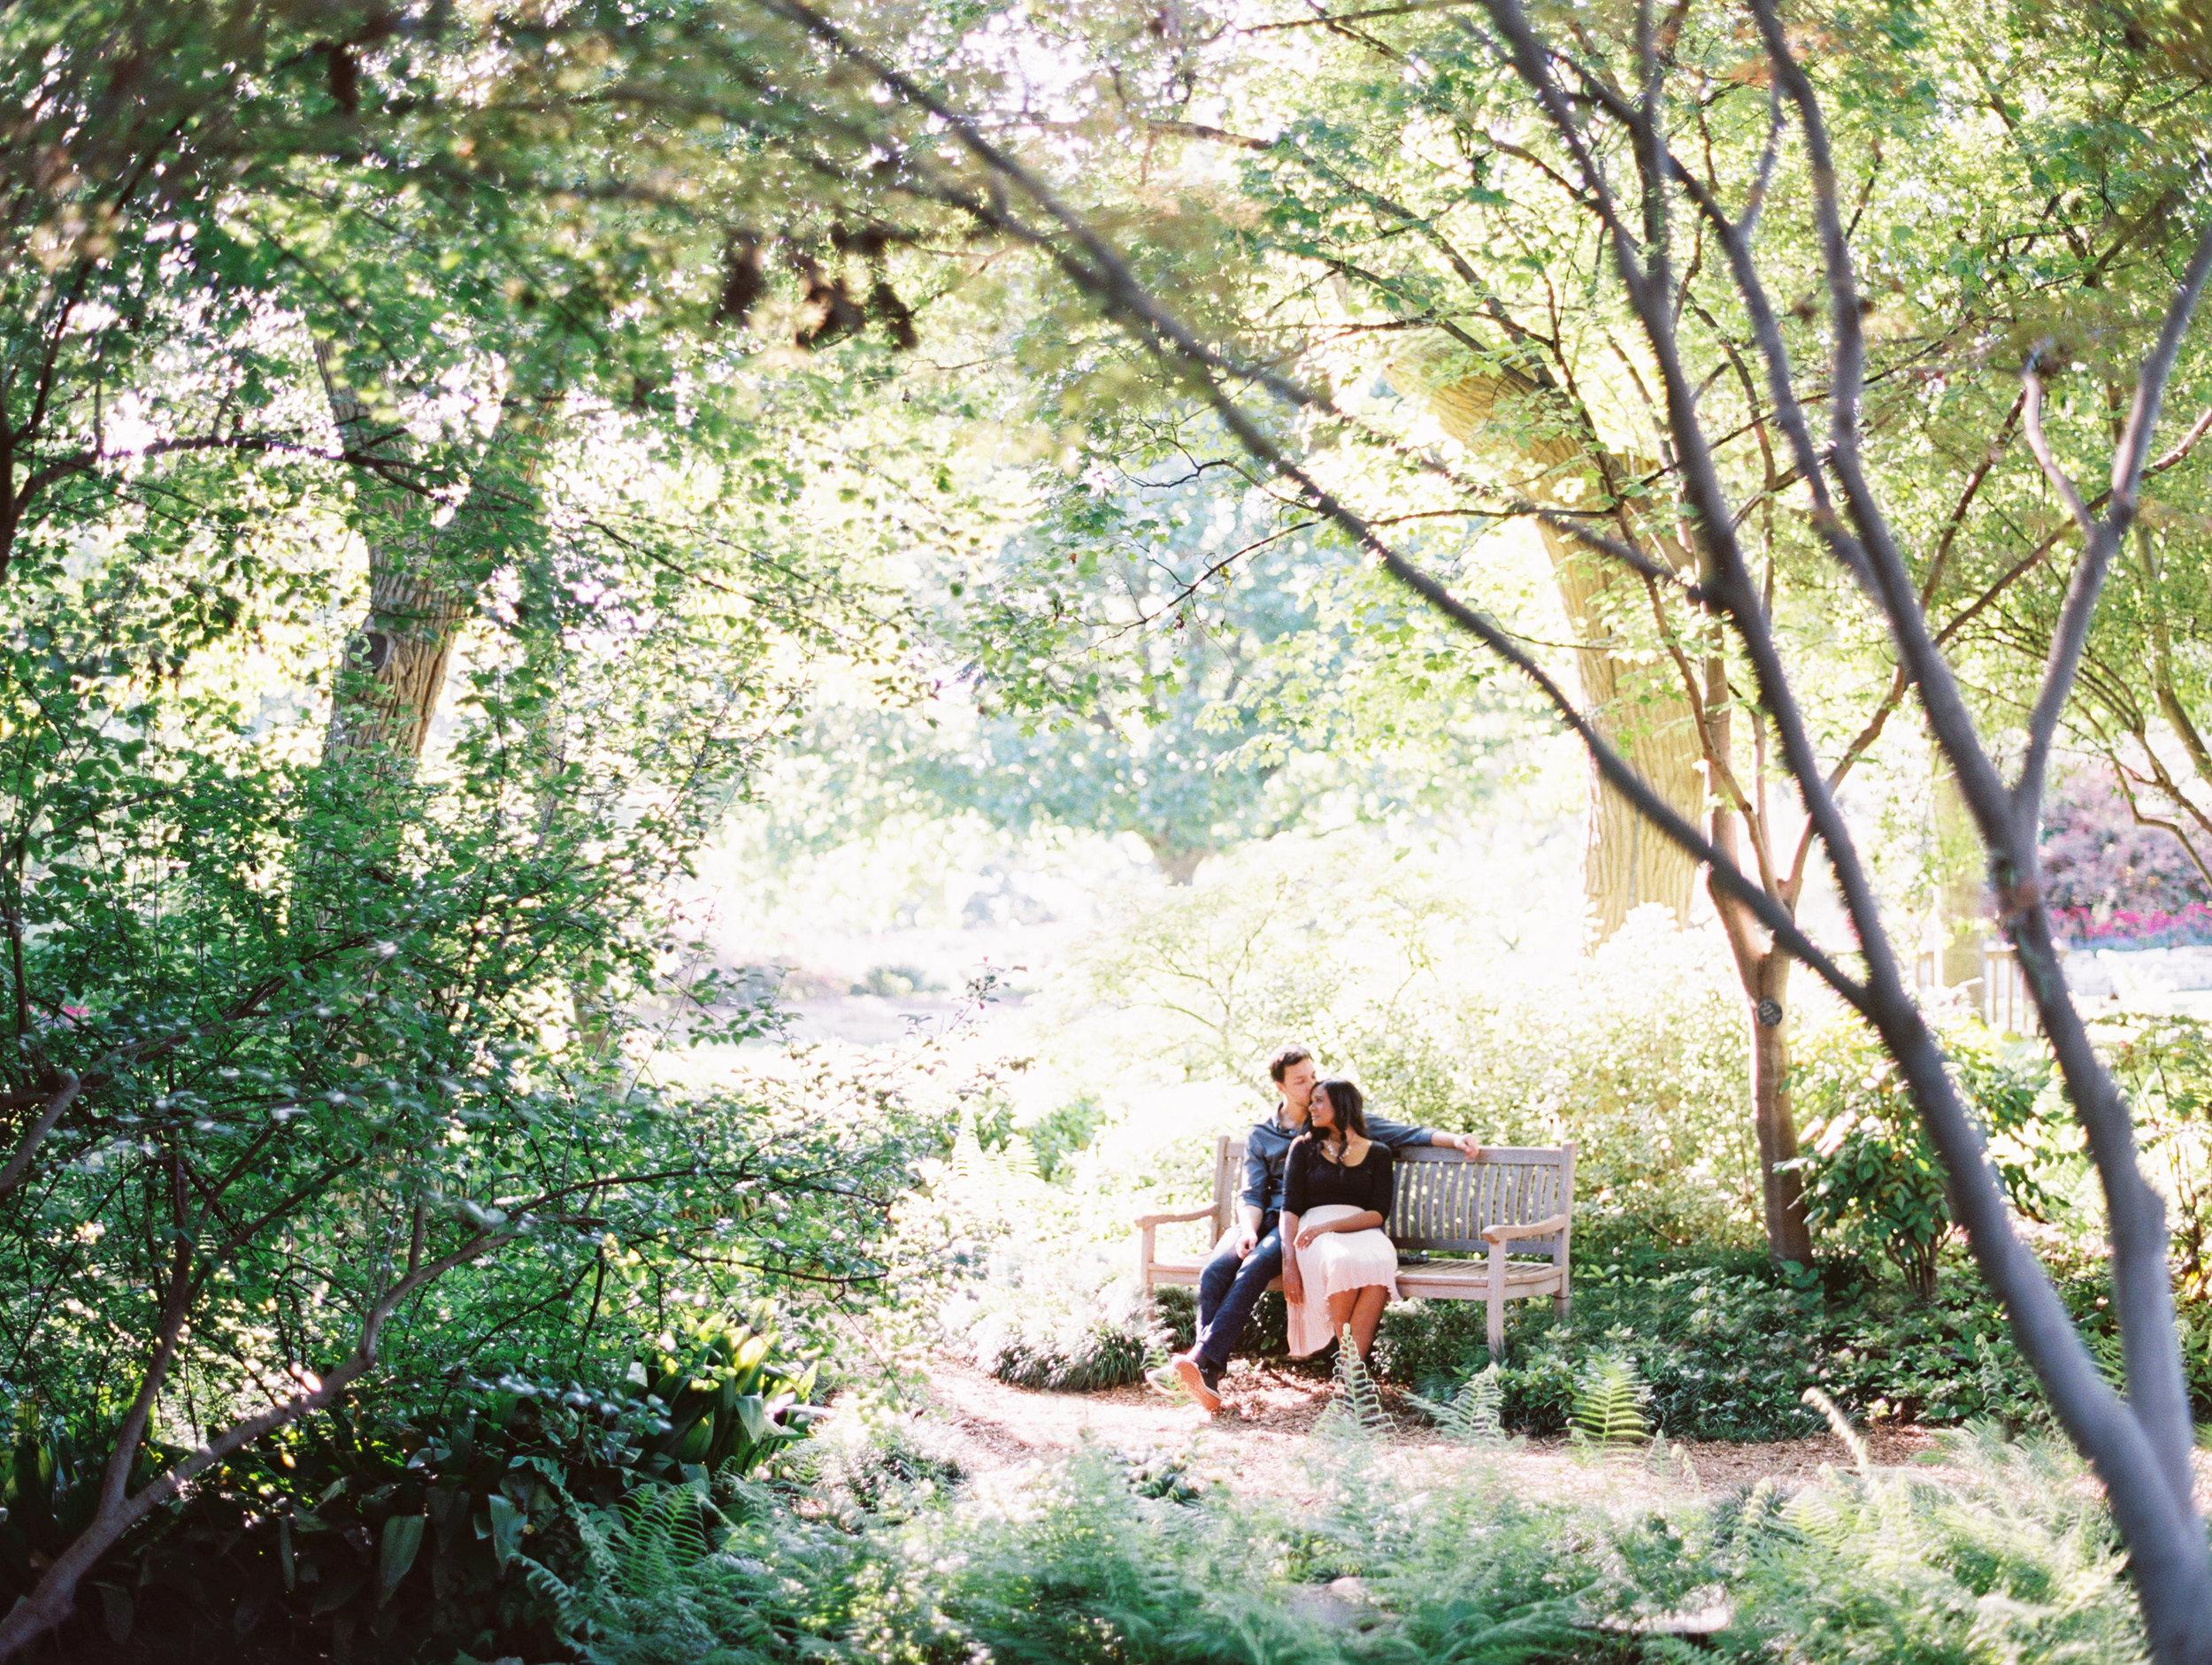 engagement-photos-at-dallas-arboretum